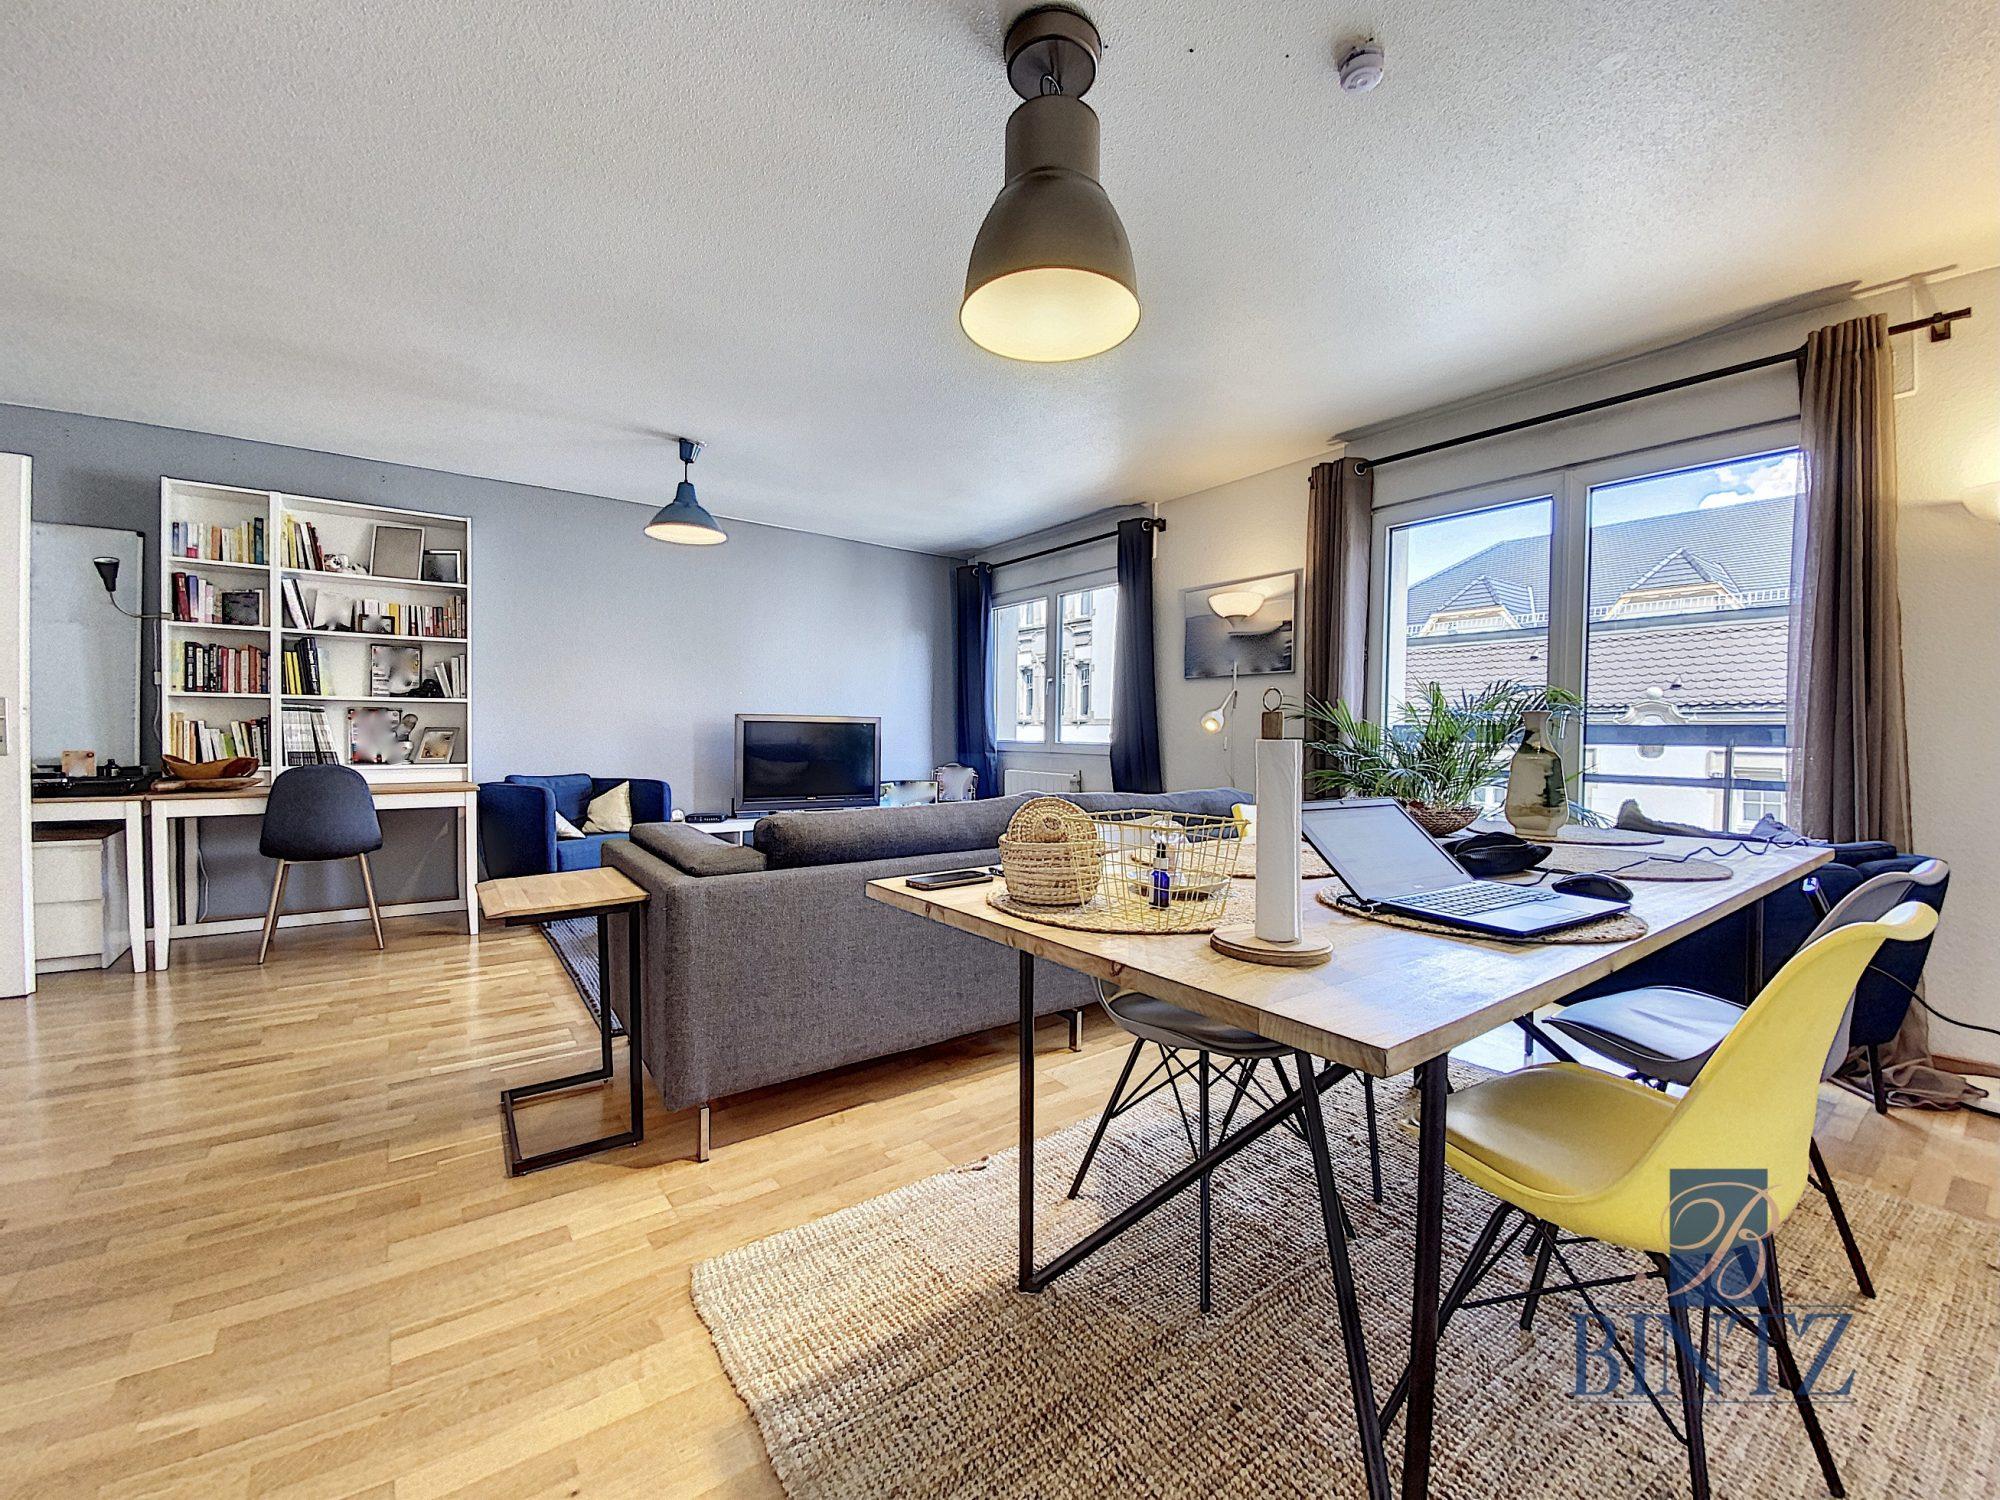 3 PIÈCES NEUSTADT AVEC GARAGE - Devenez locataire en toute sérénité - Bintz Immobilier - 11